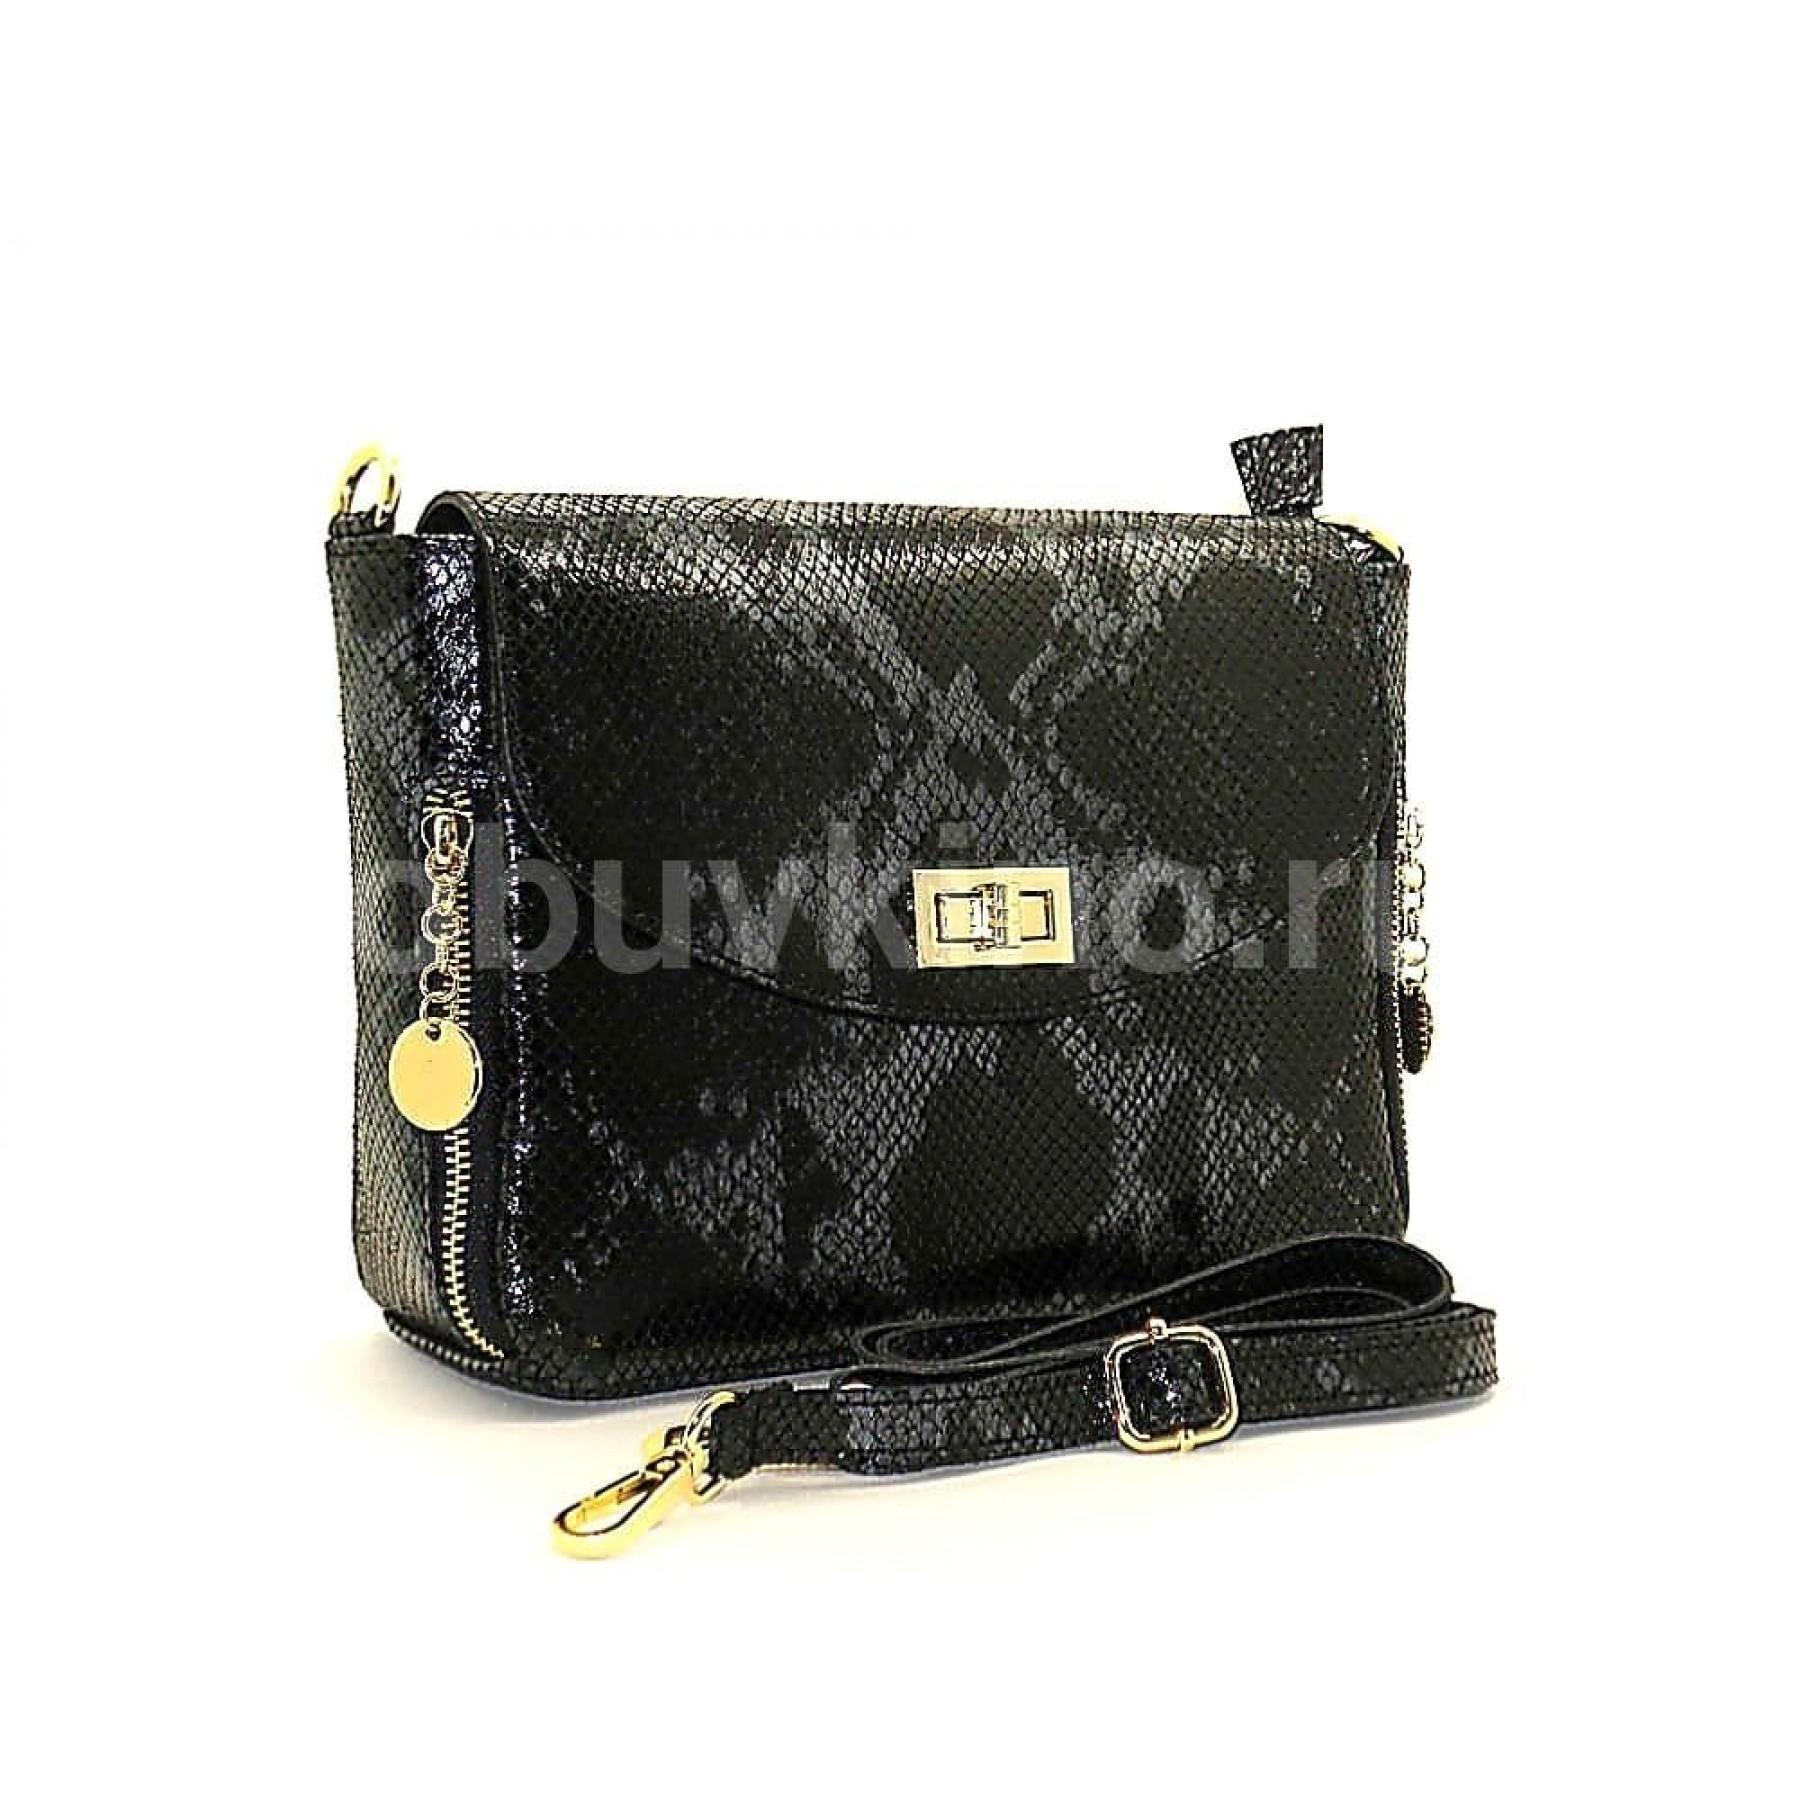 282be6f7adf3 Купить маленькую женскую сумку, сумочку, кожаную, в Калининграде ...